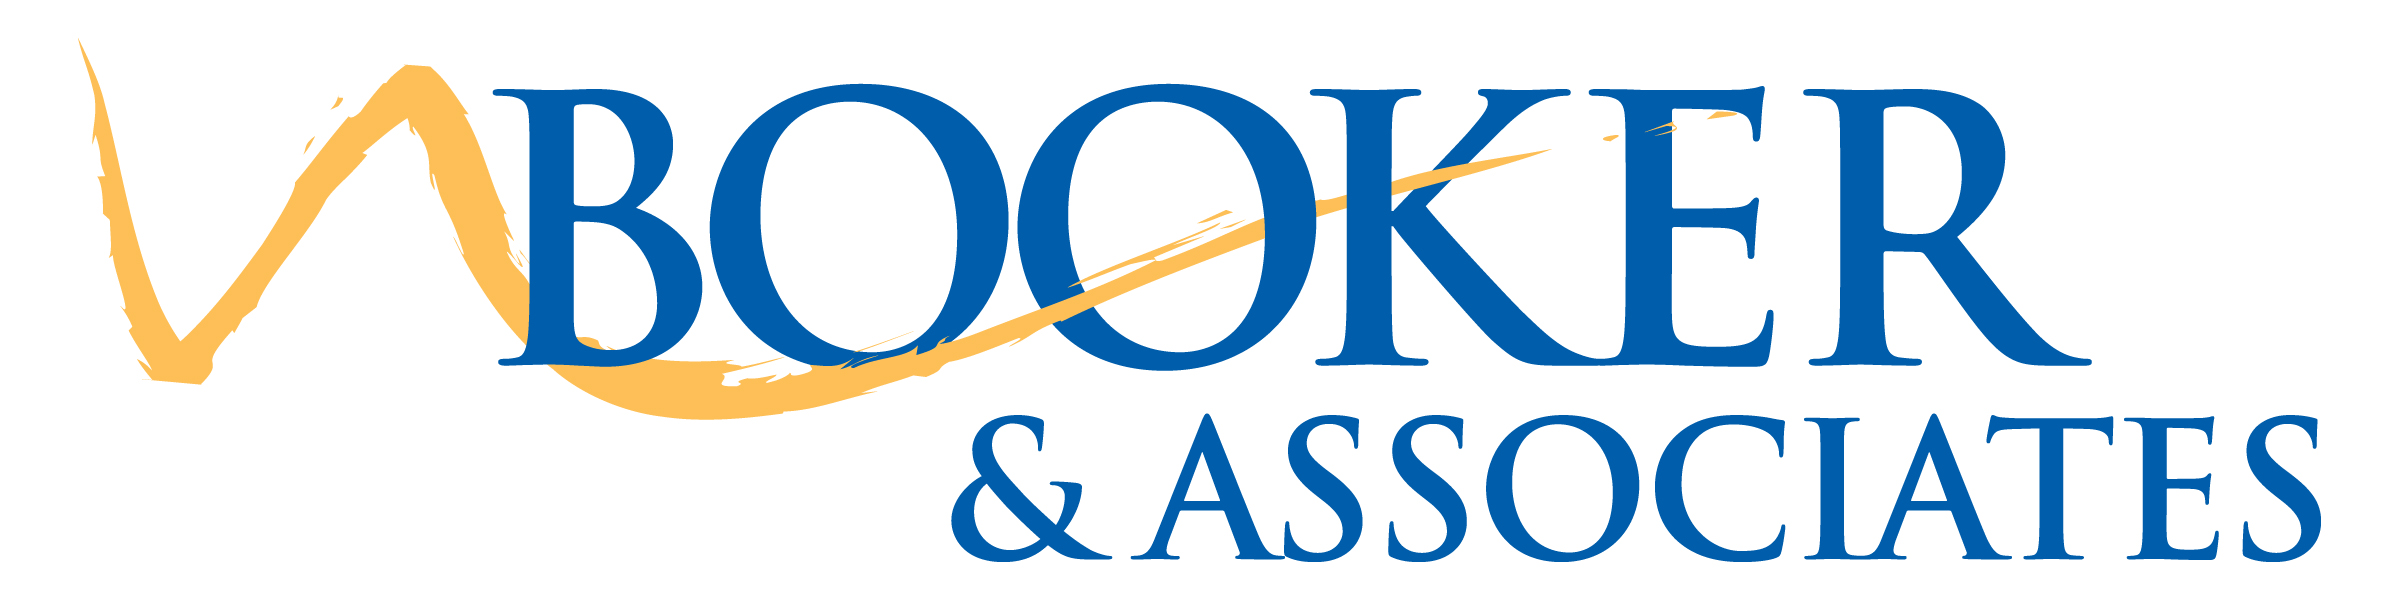 Booker & Associates